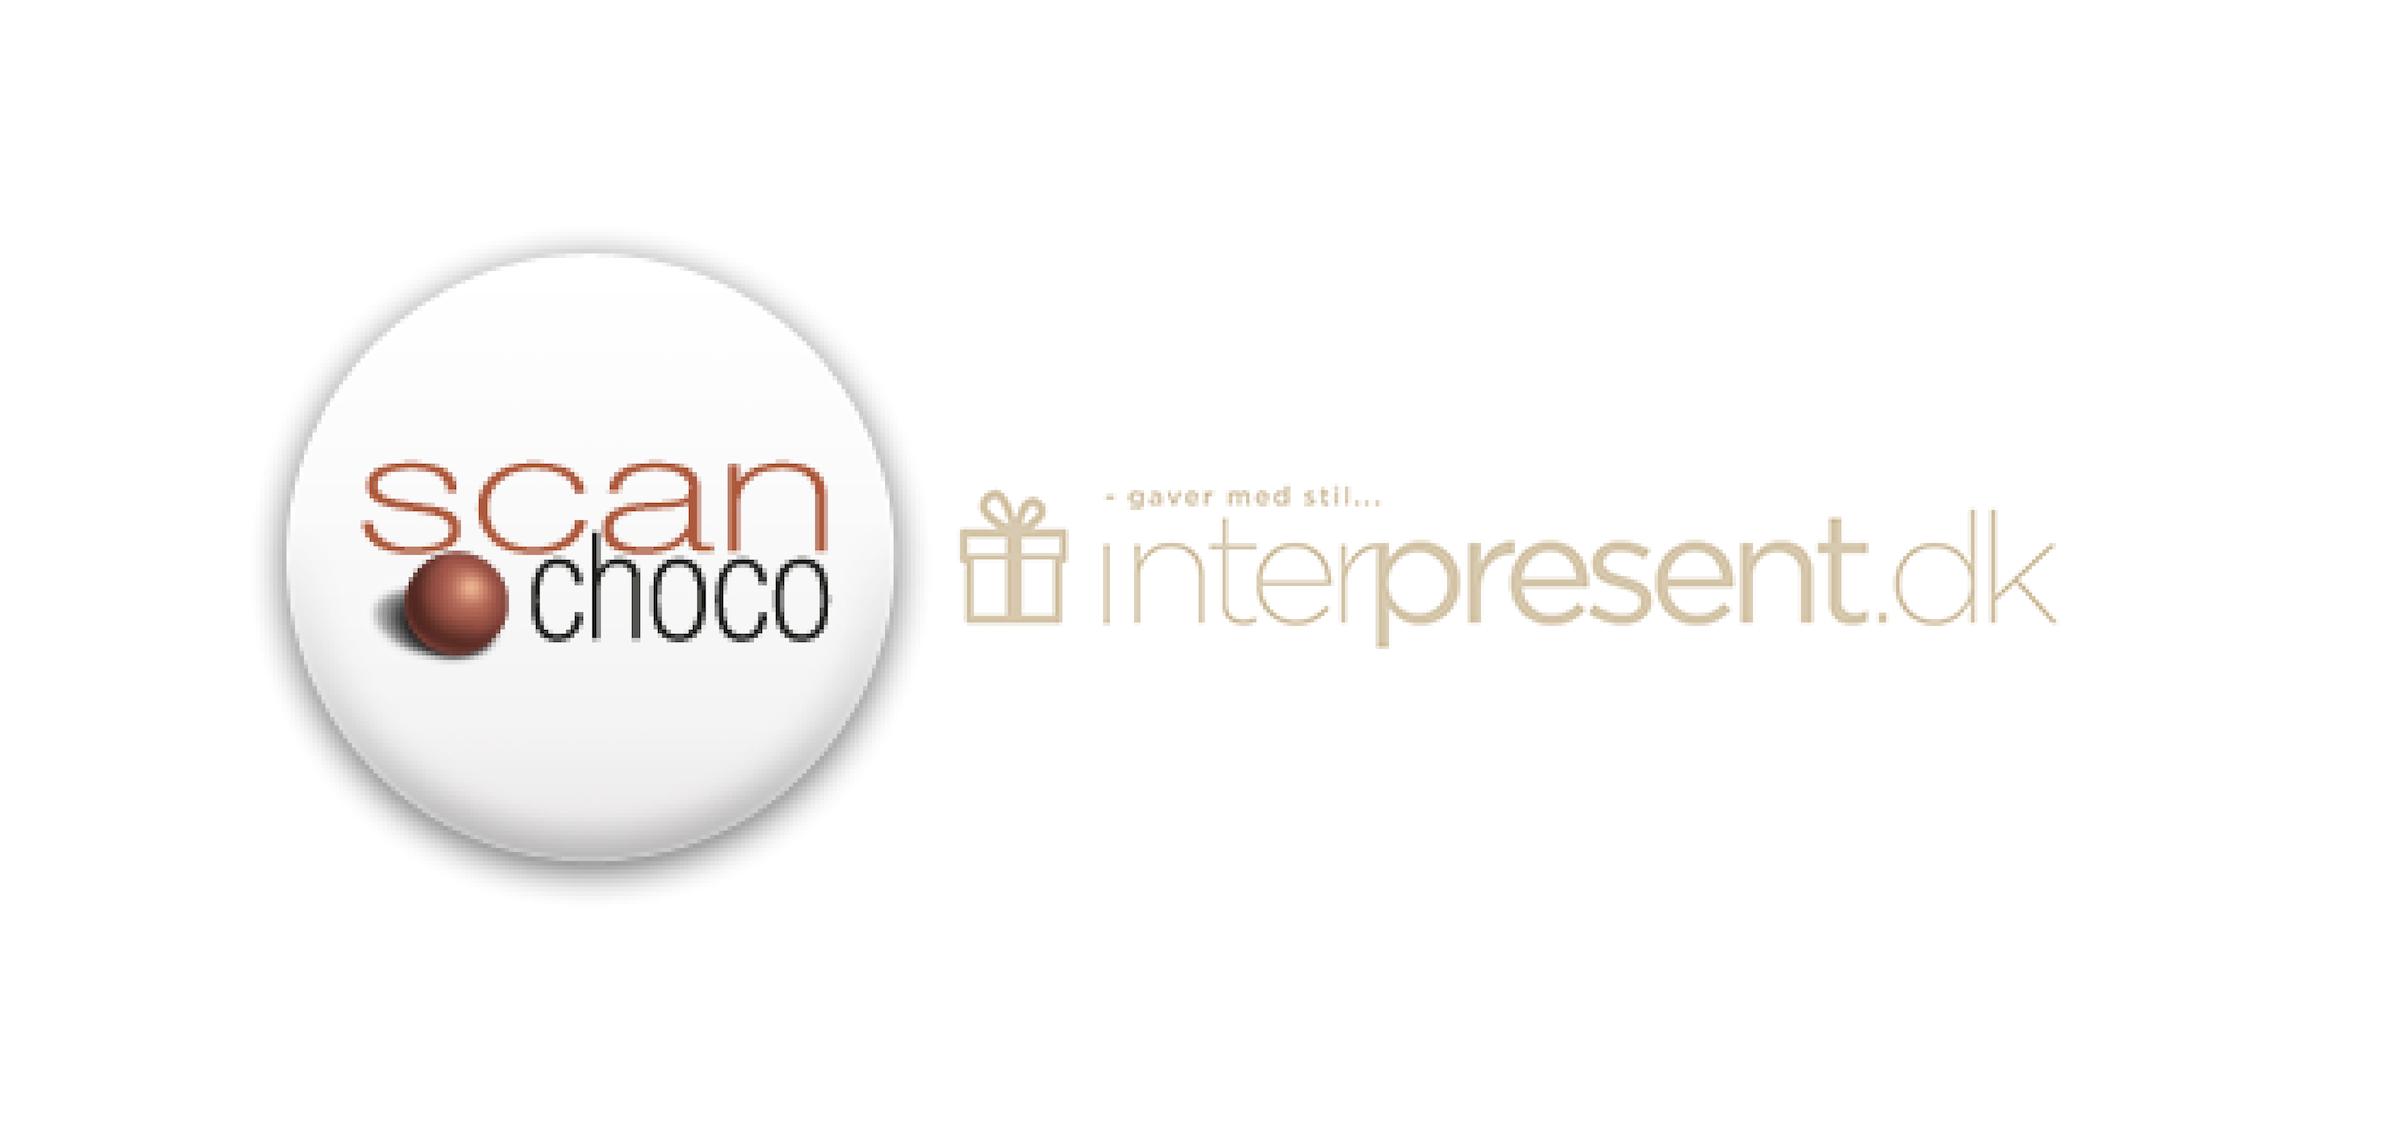 Scanchoco og Interpresent logo er som referencer